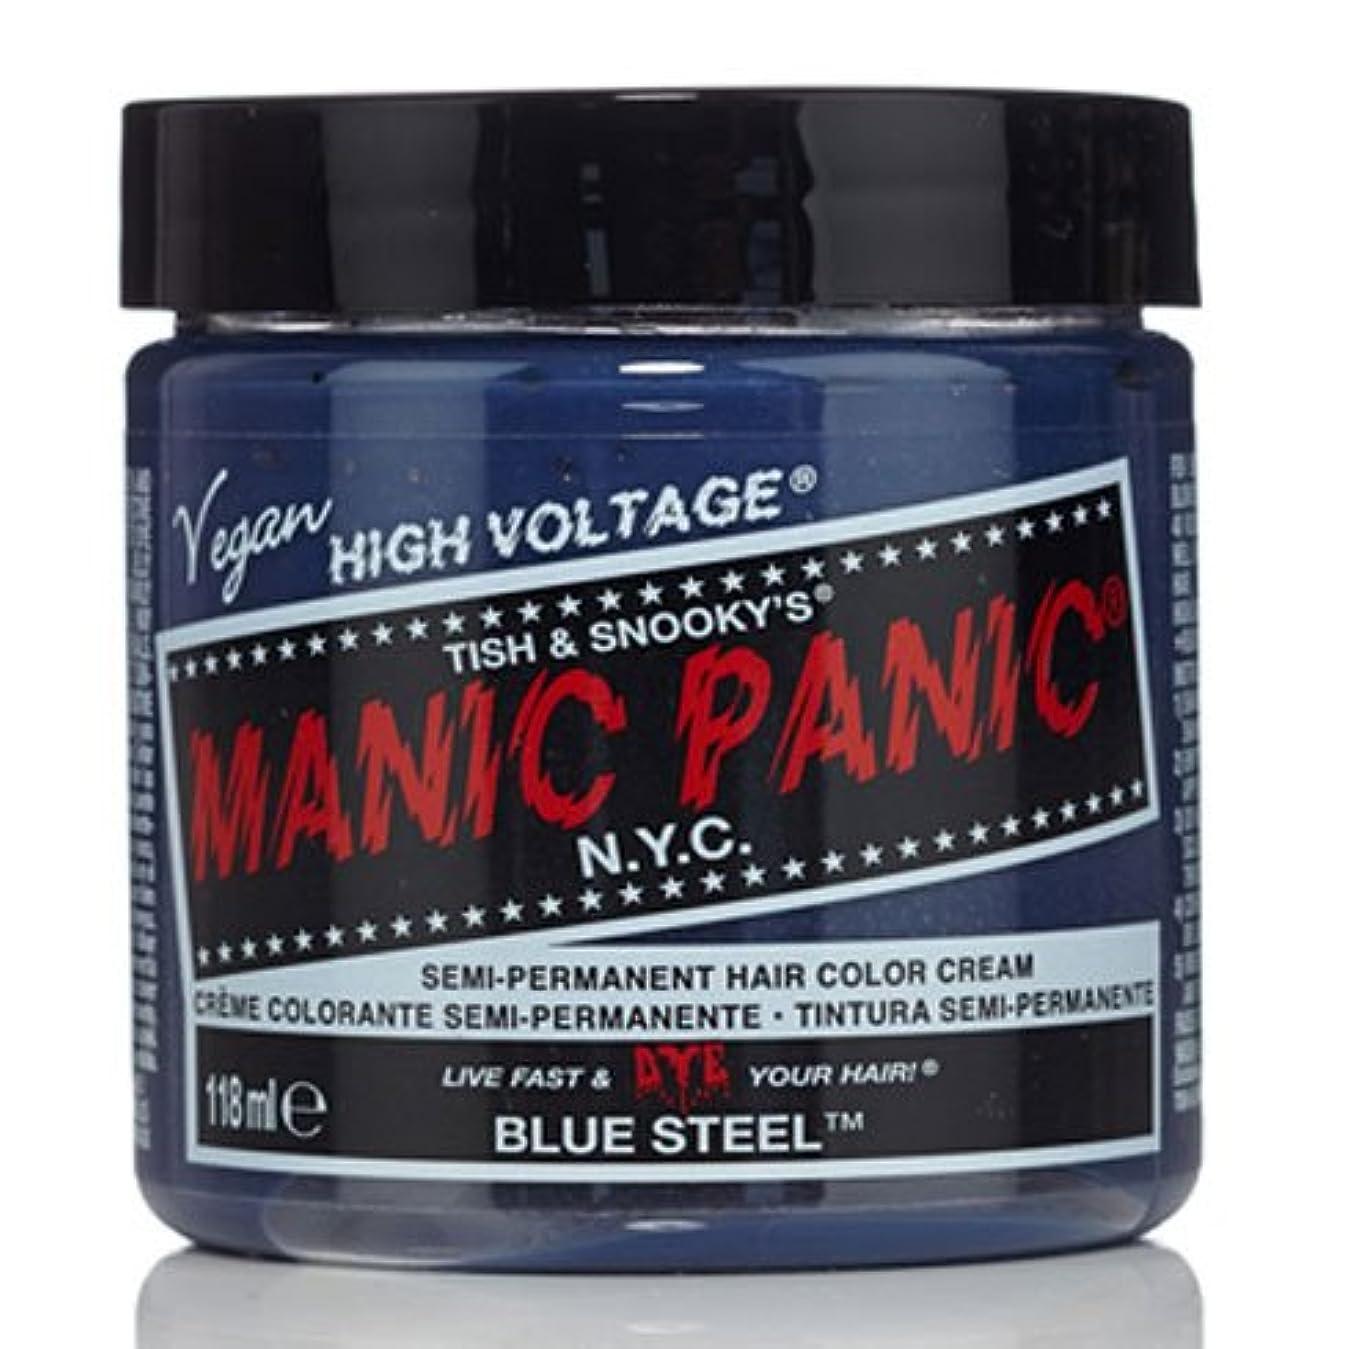 住所として高くスペシャルセットMANIC PANICマニックパニック:BLUE STEEL (ブルースティール)+ヘアカラーケア4点セット